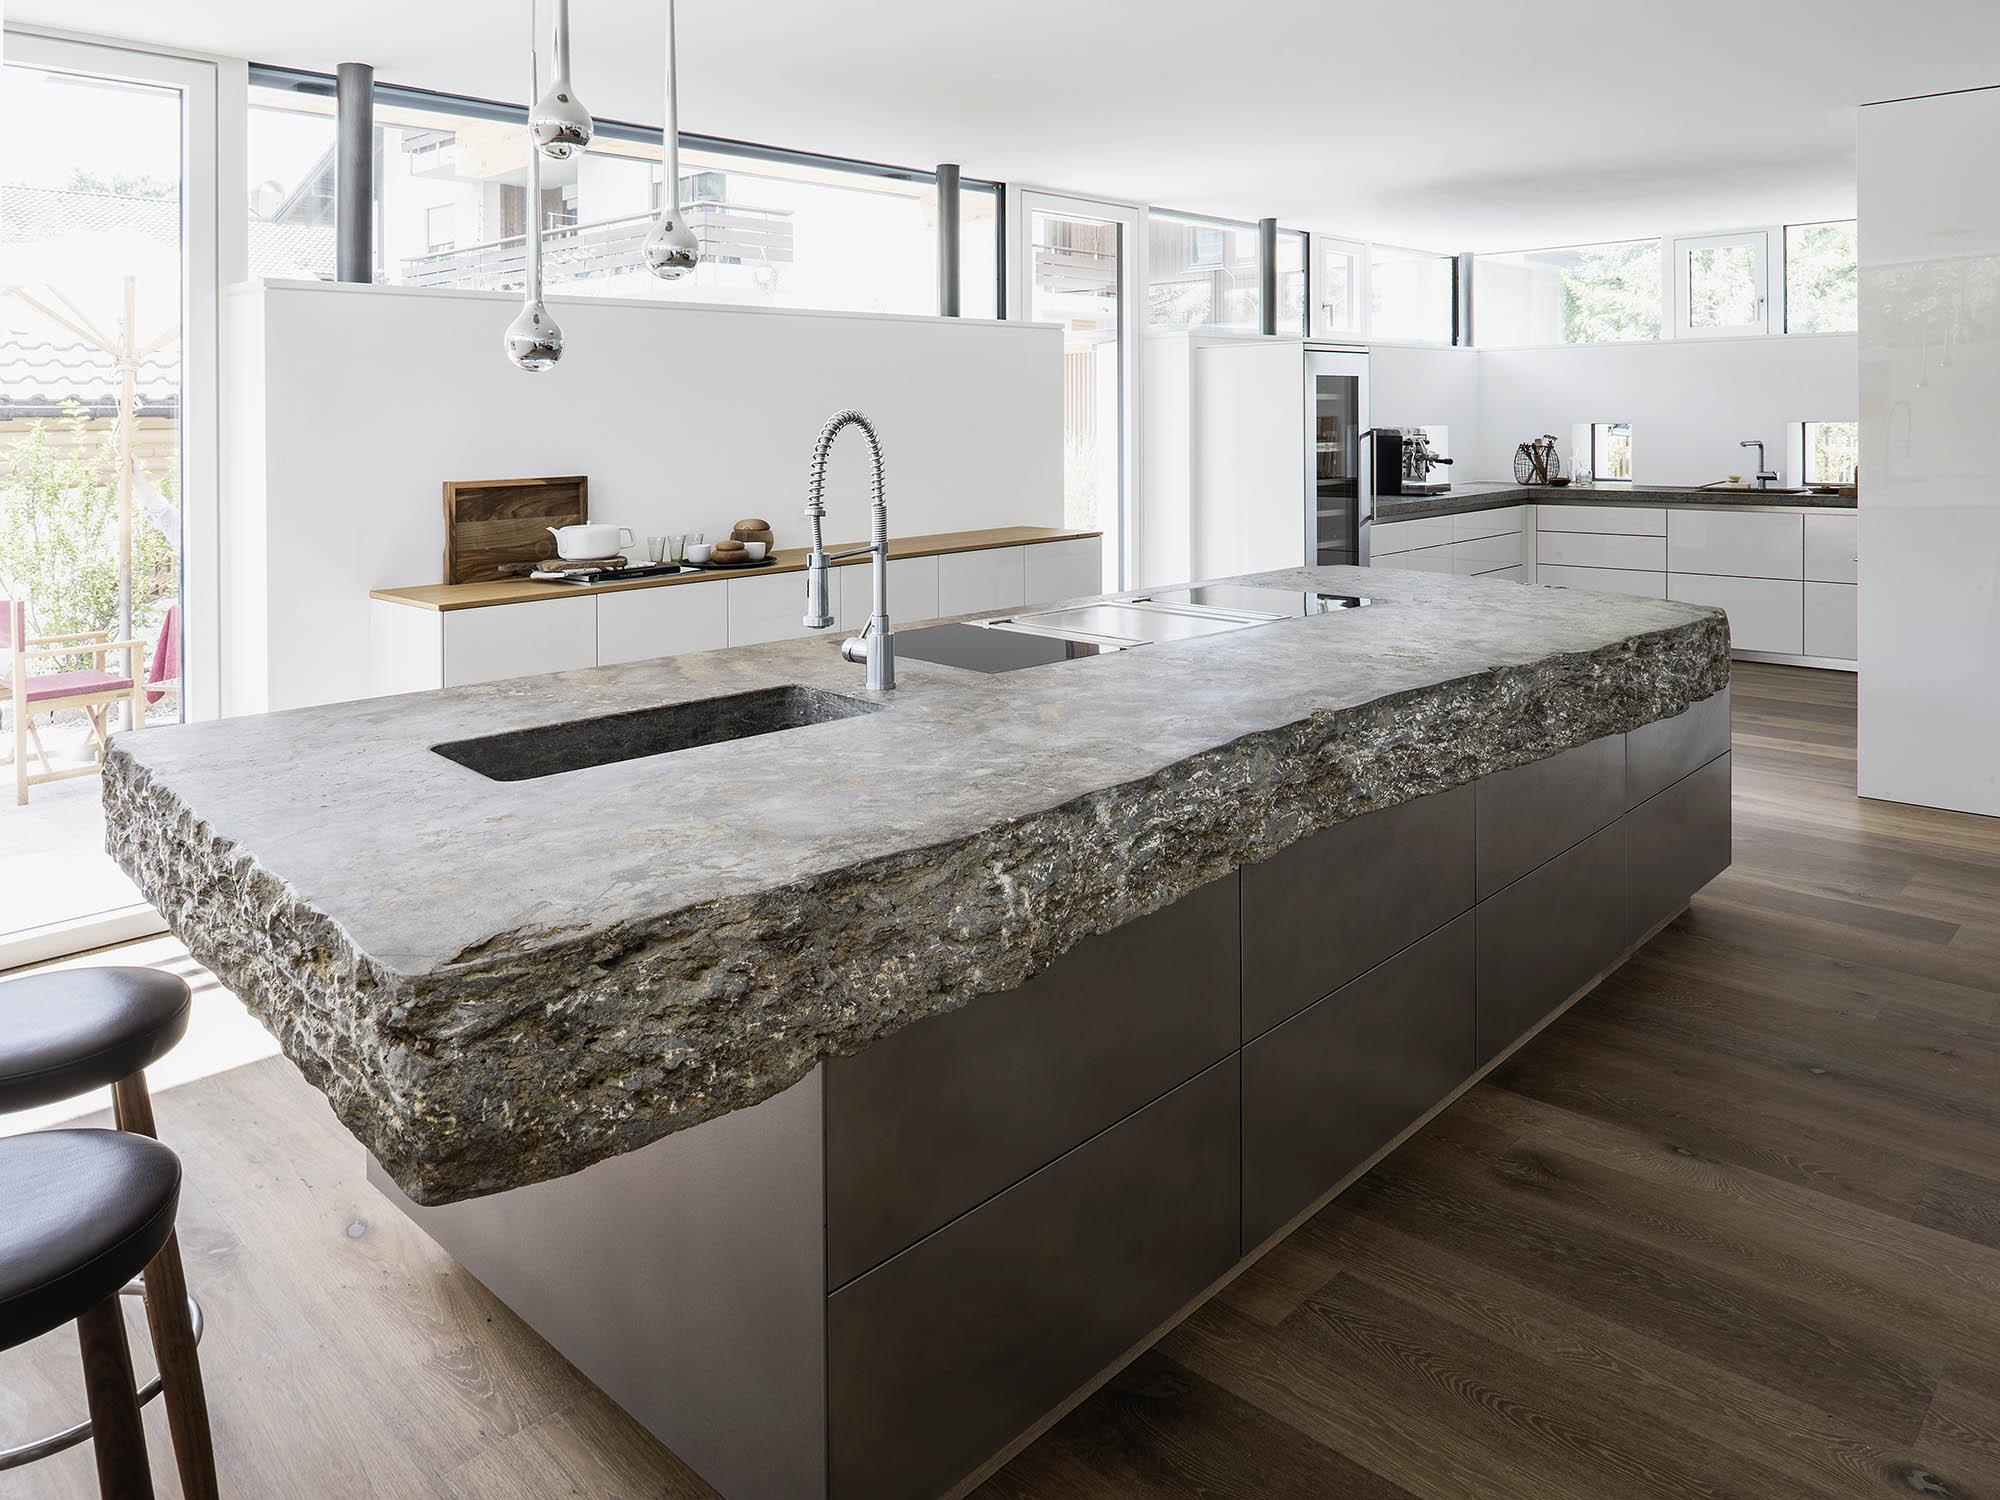 Naturstein Arbeitsplatte Kuche Reinigen Granit Arbeitsplatten Nach